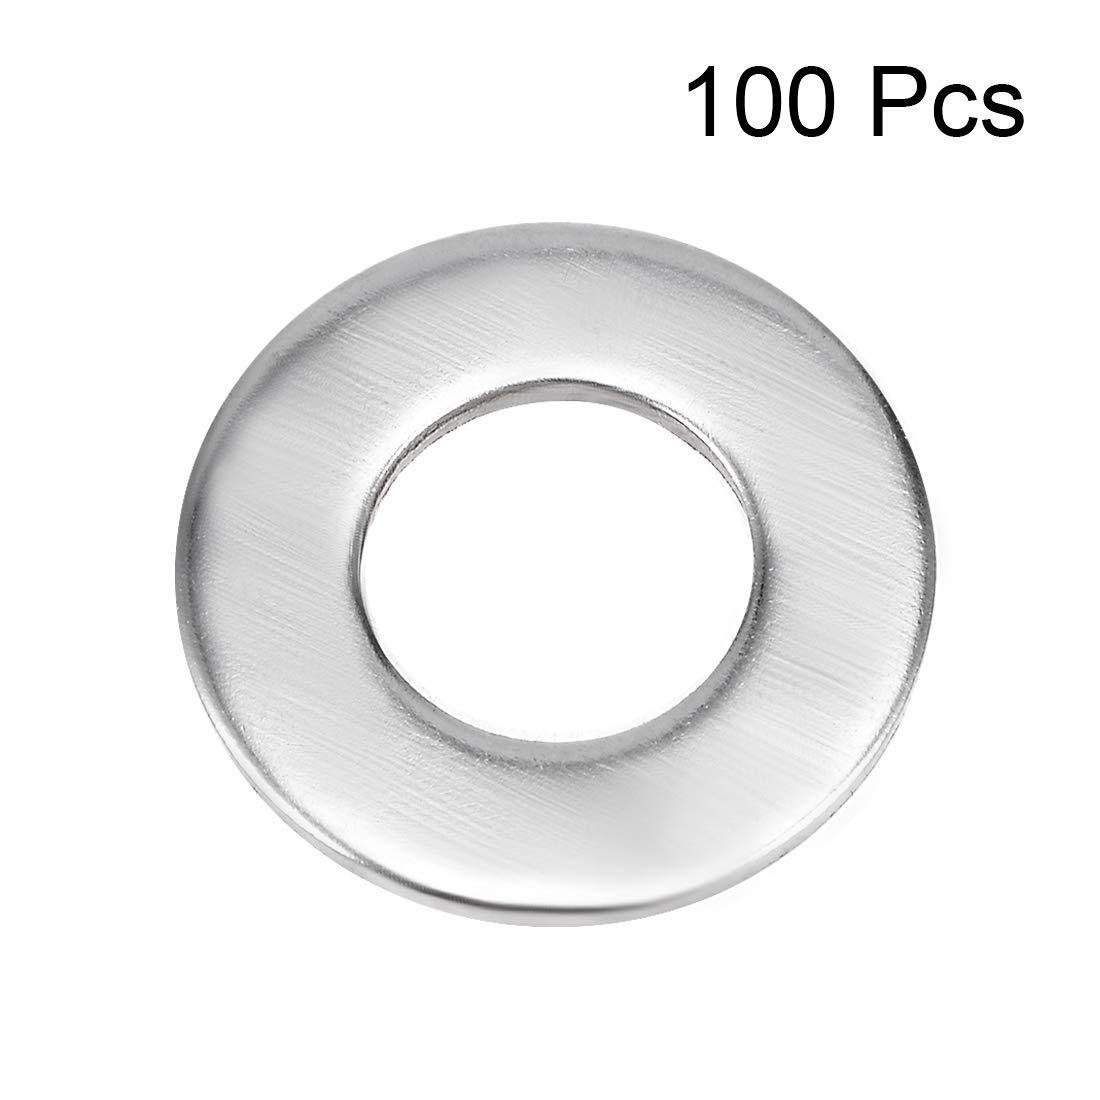 100 arandelas planas de acero inoxidable para tornillos de 8 mm x 3 mm x 0,6 mm 304